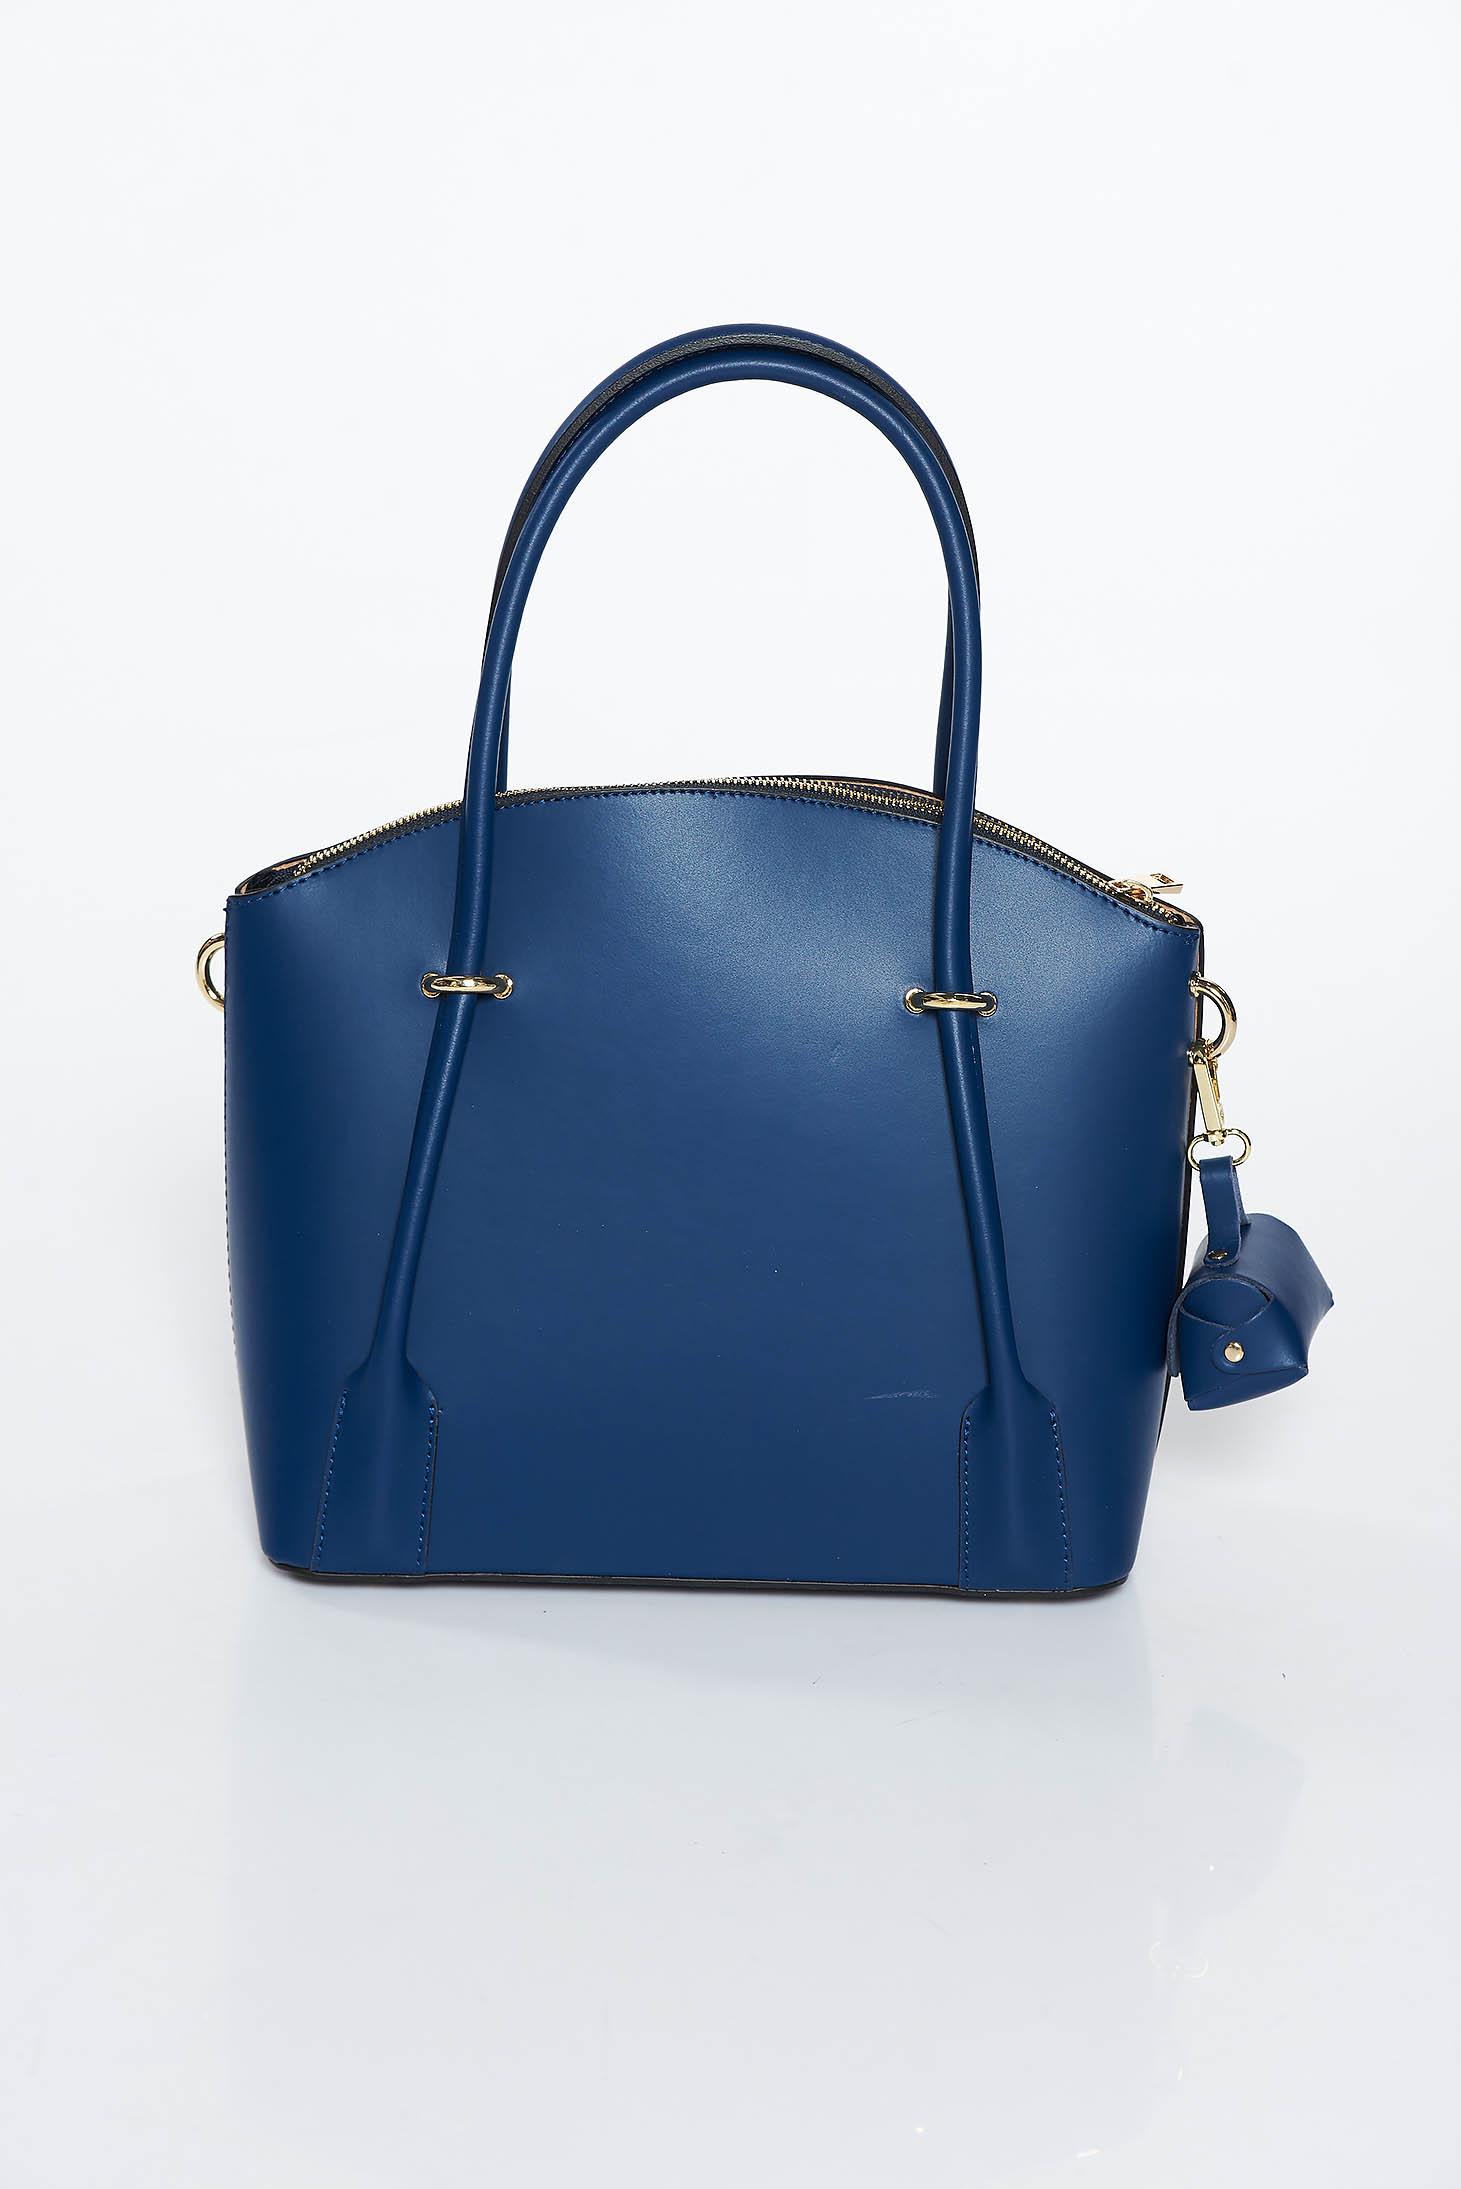 Geanta dama albastru-inchis office din piele naturala cu doua compartimente si buzunare interioare